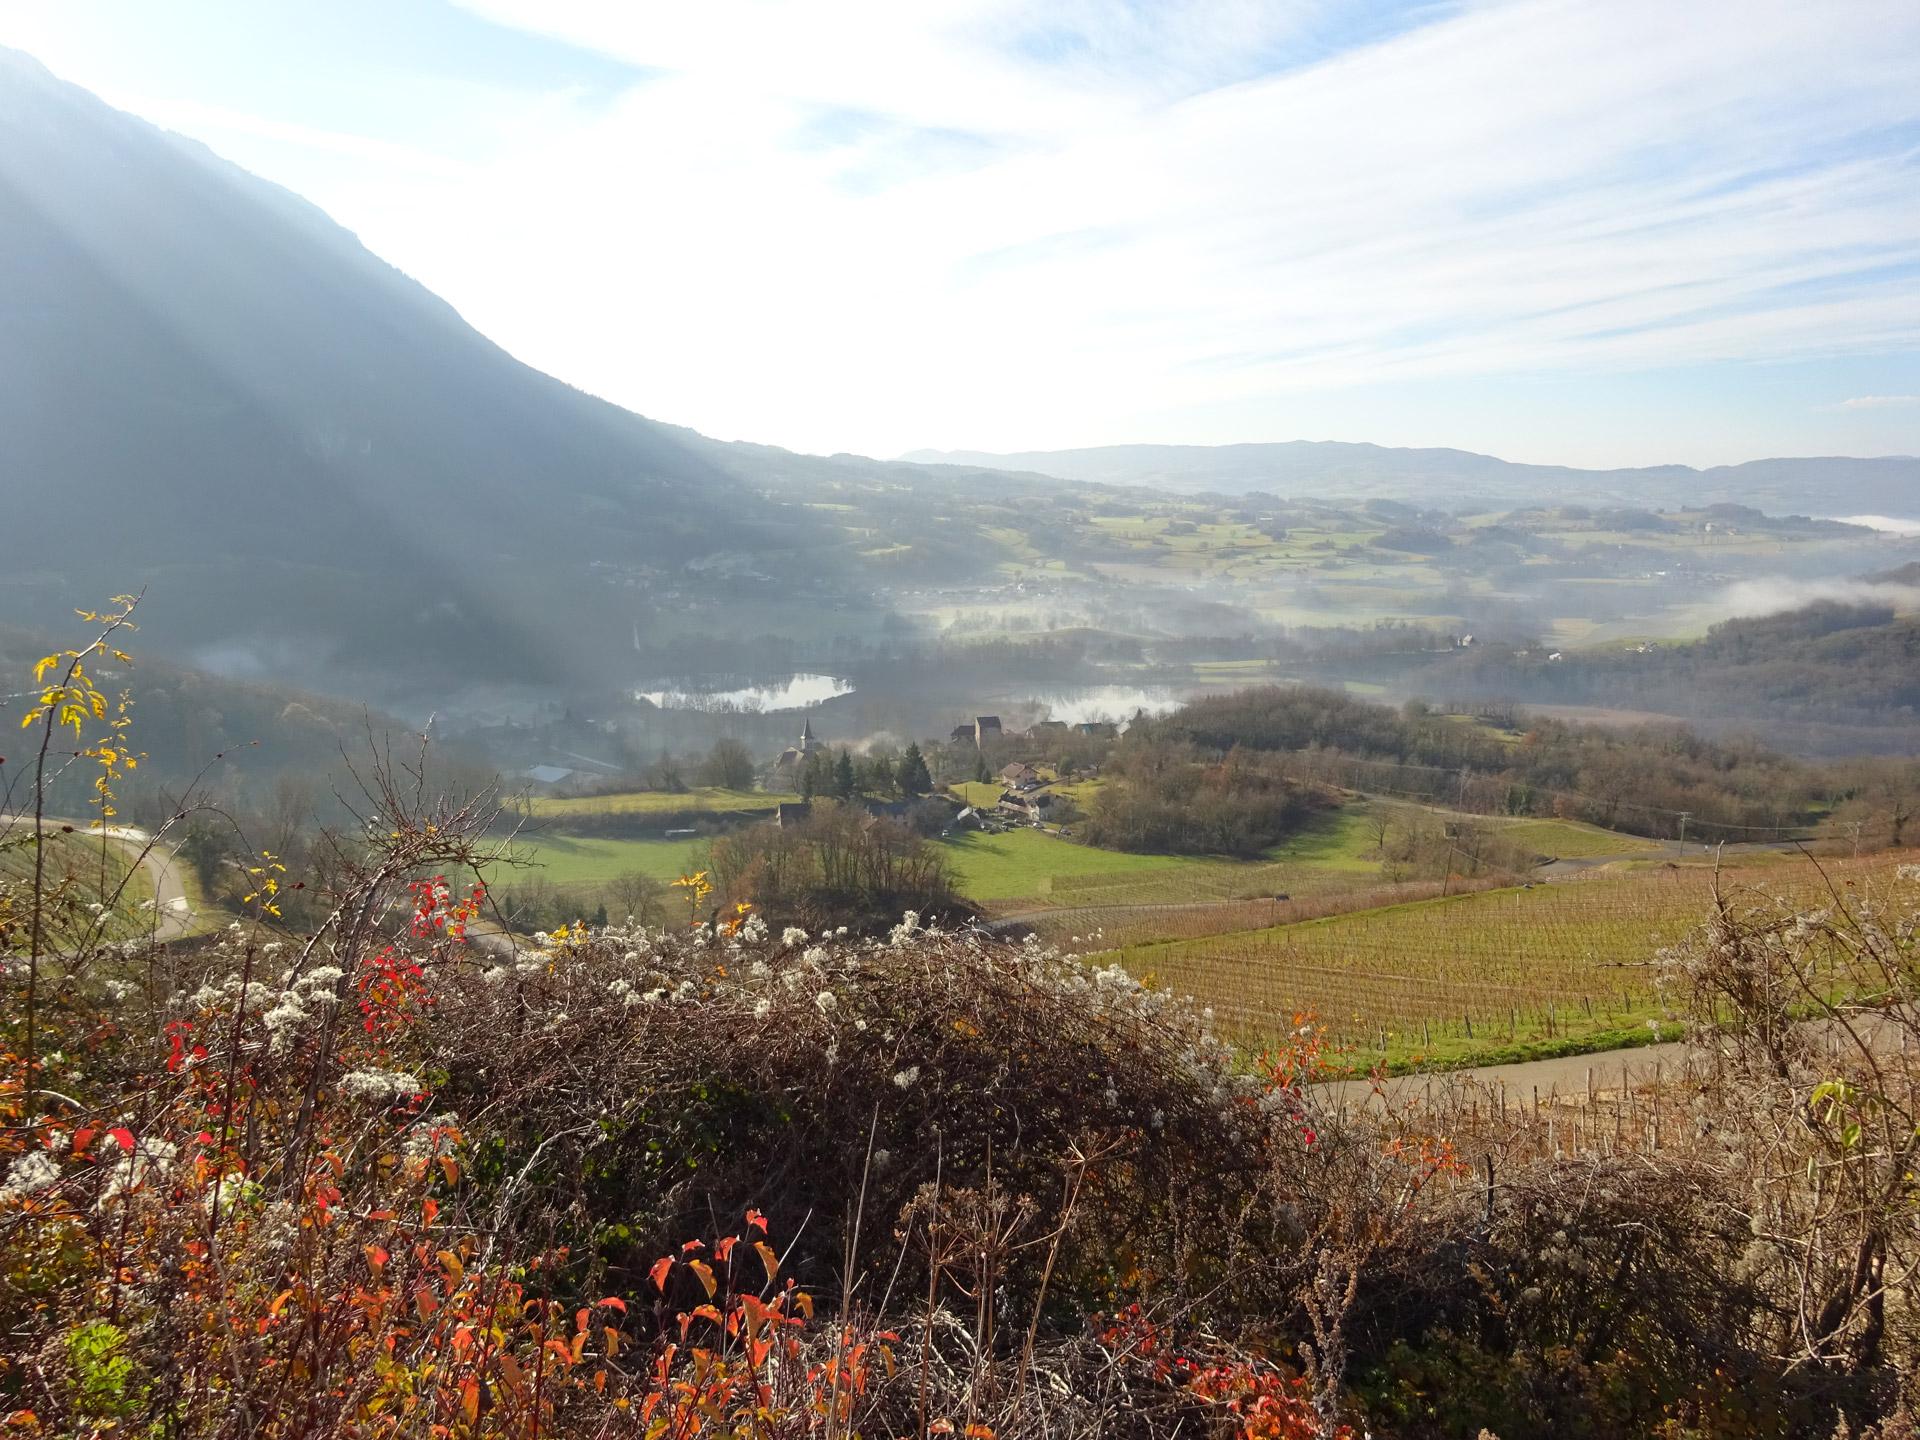 A la découverte des écosystèmes de Saint Jean de Chevelu : zones humides et pelouses sèches